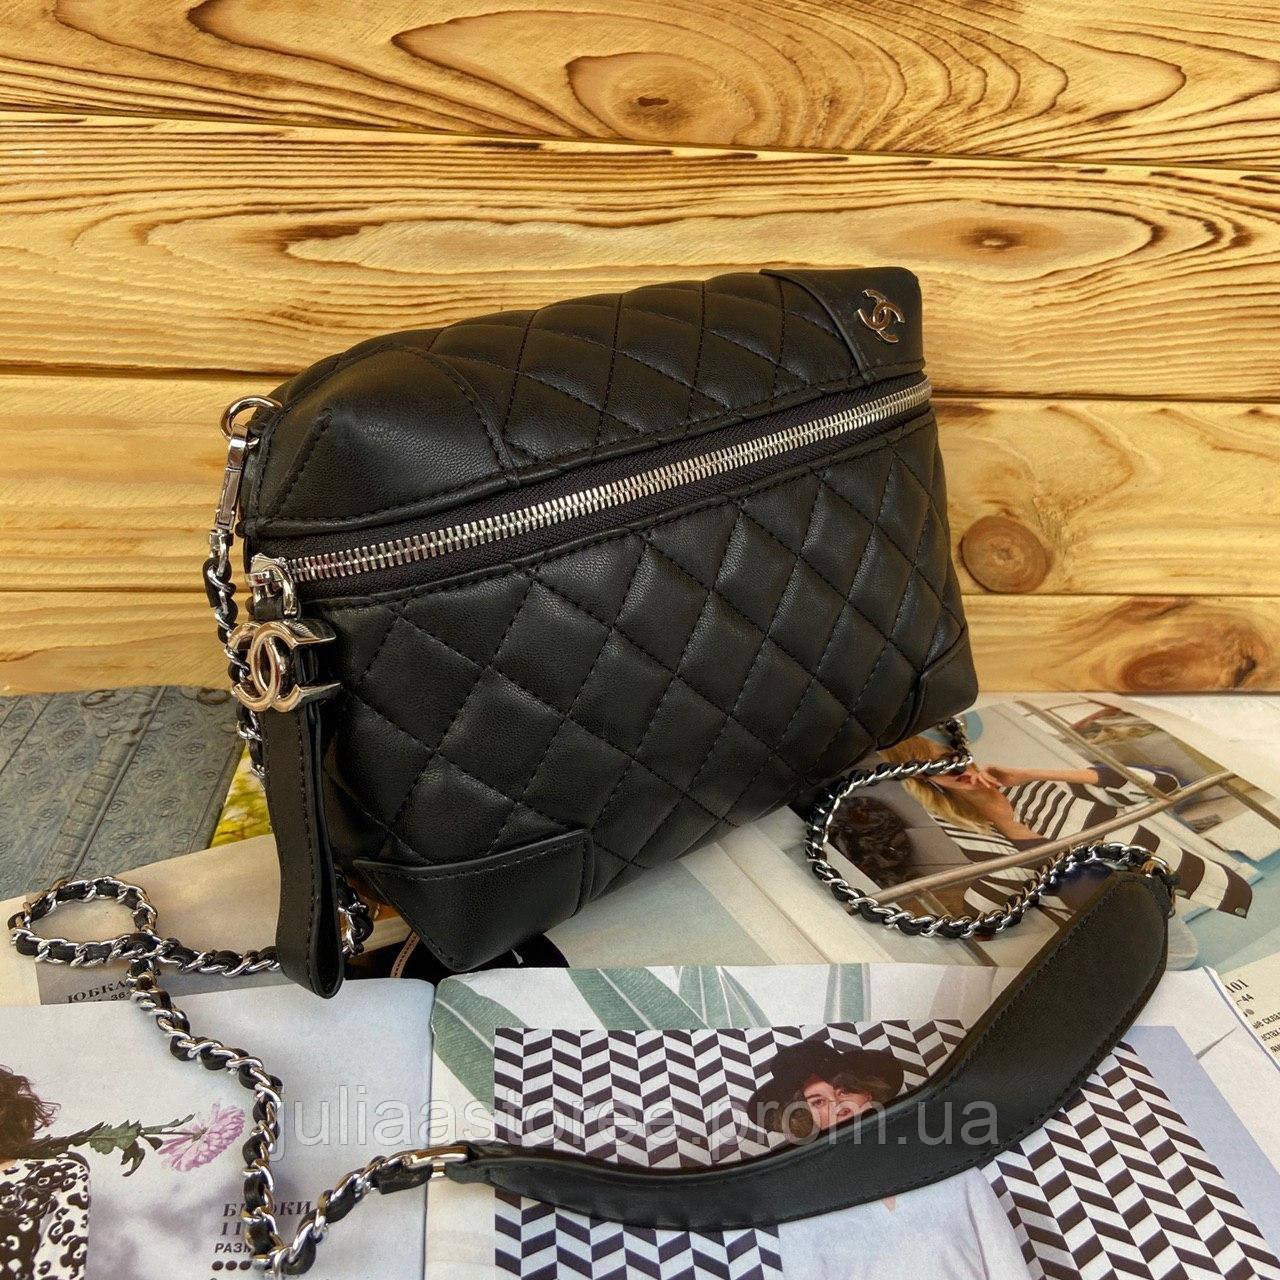 Женская сумка на цепочке через плечо Chanel Шанель реплика 3